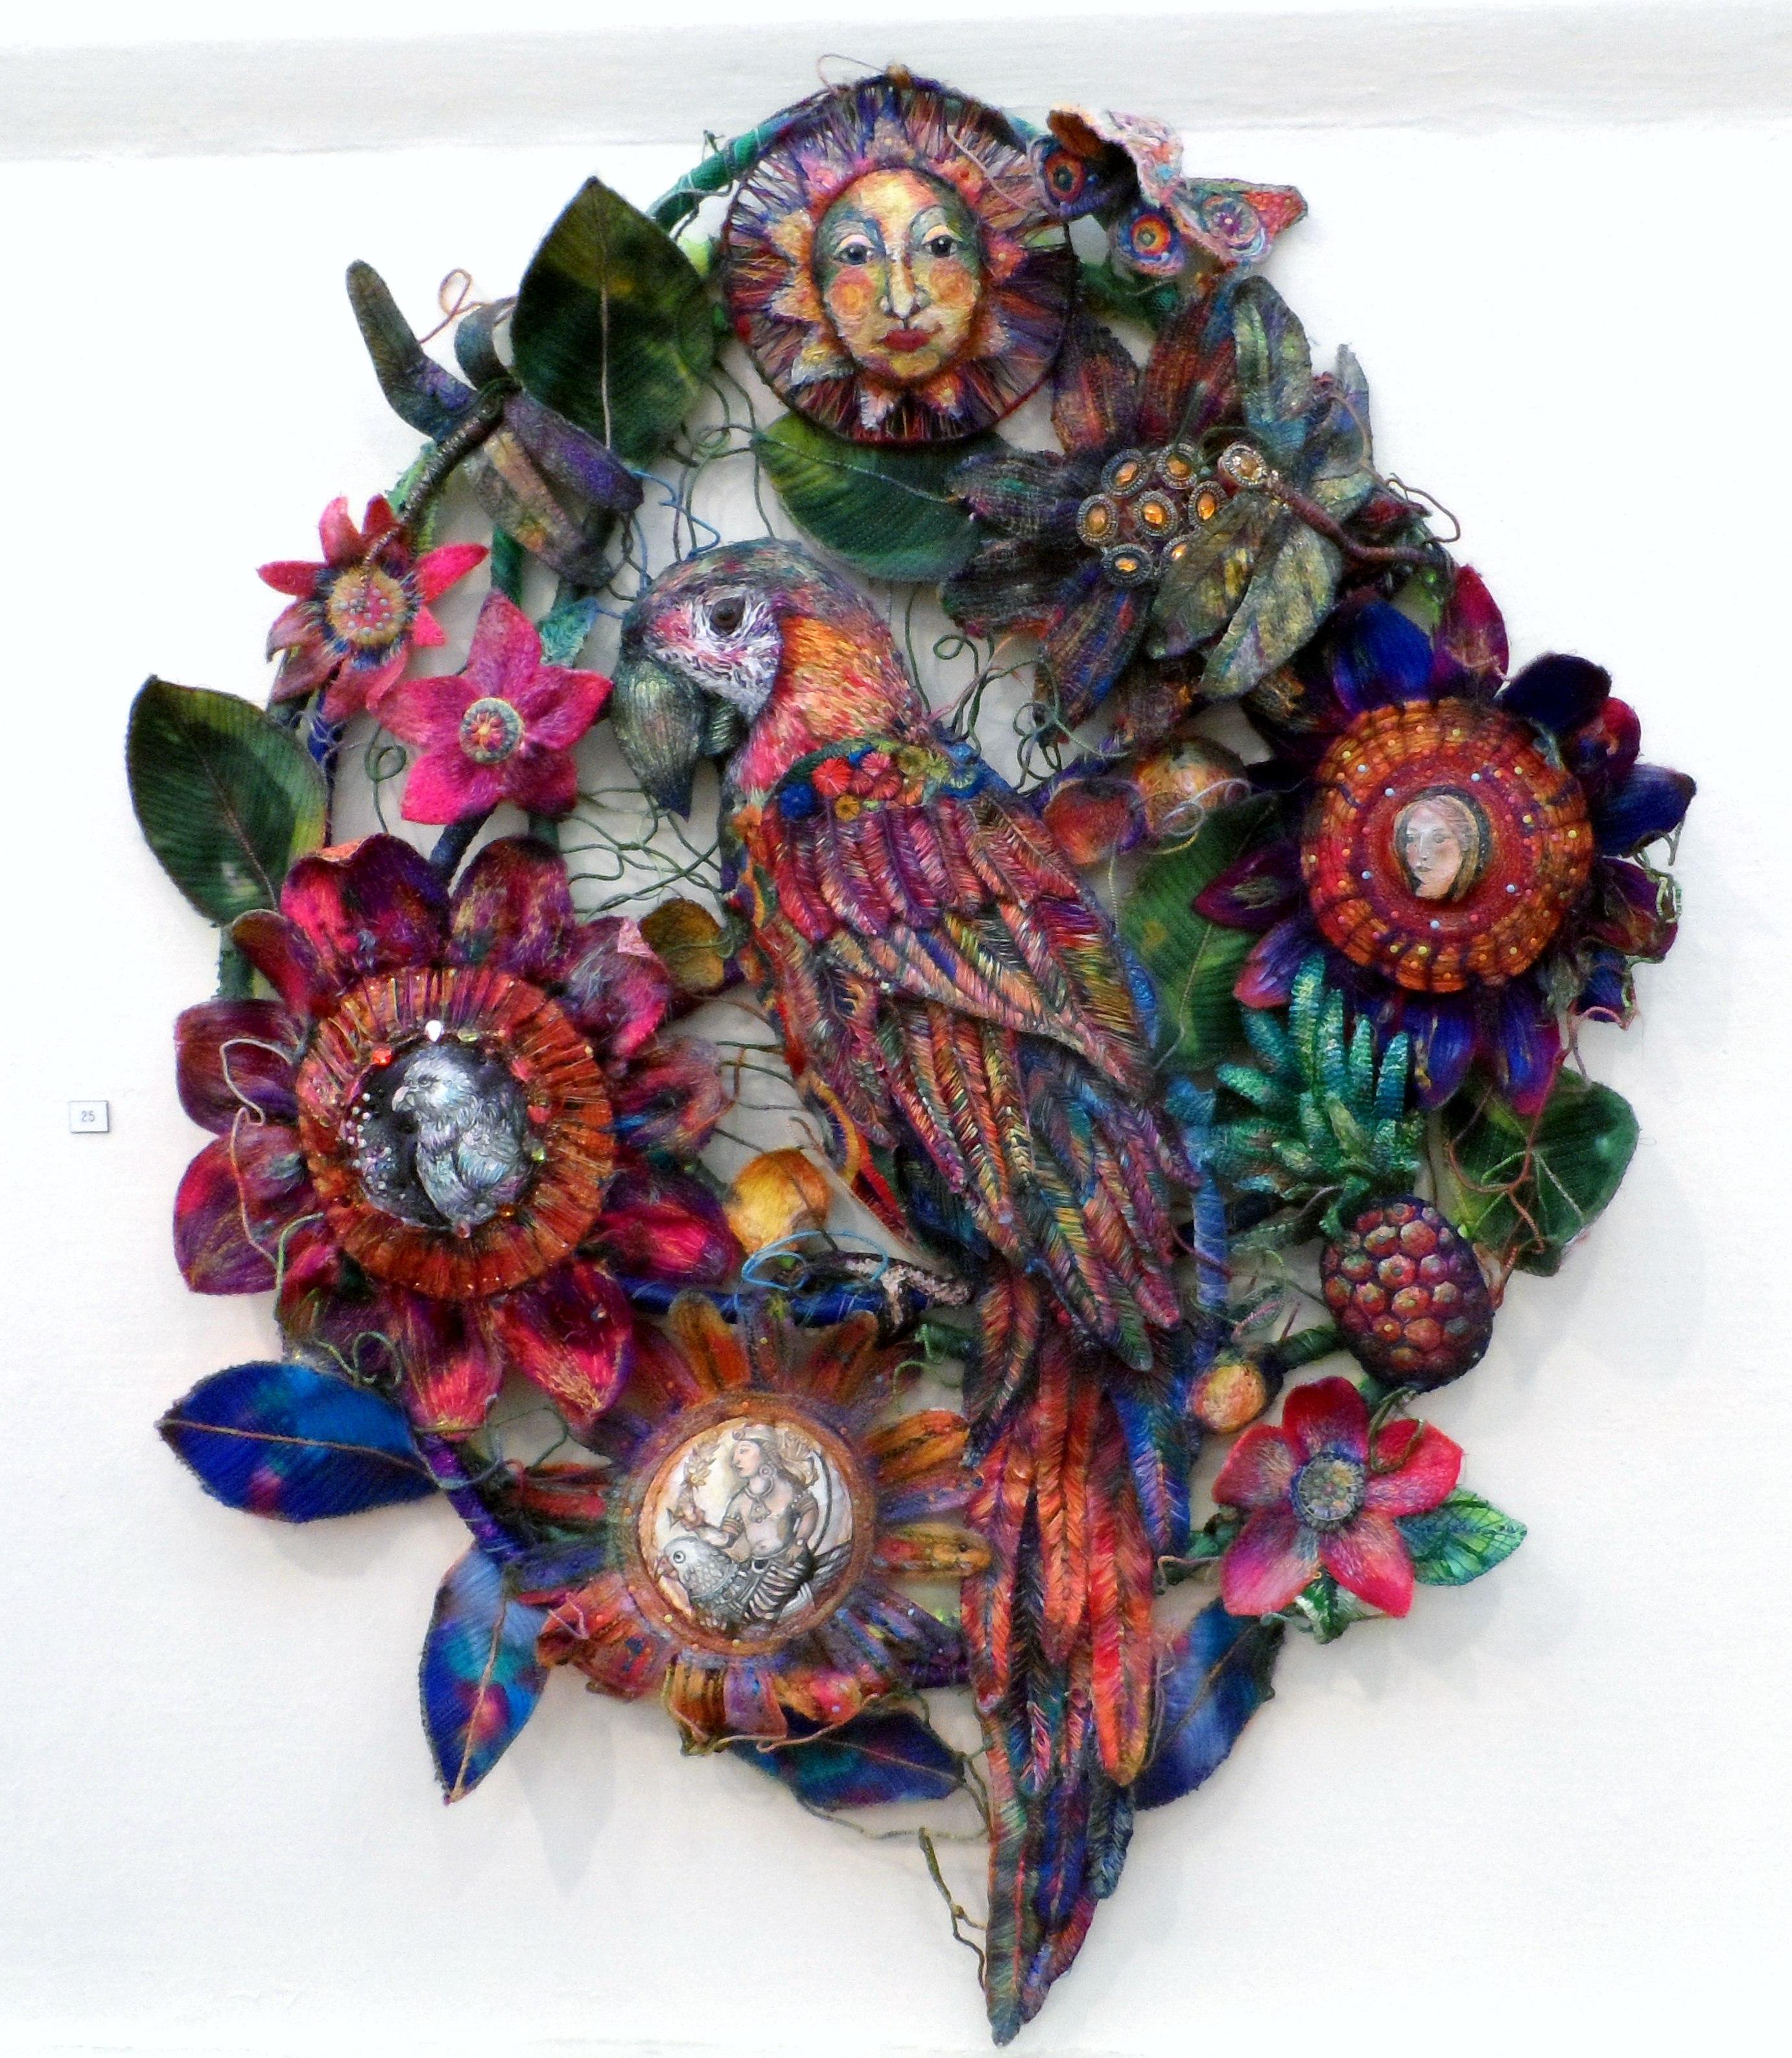 DURER'S PARROT by Nikki Parmenter, Williamson Gallery, 2019